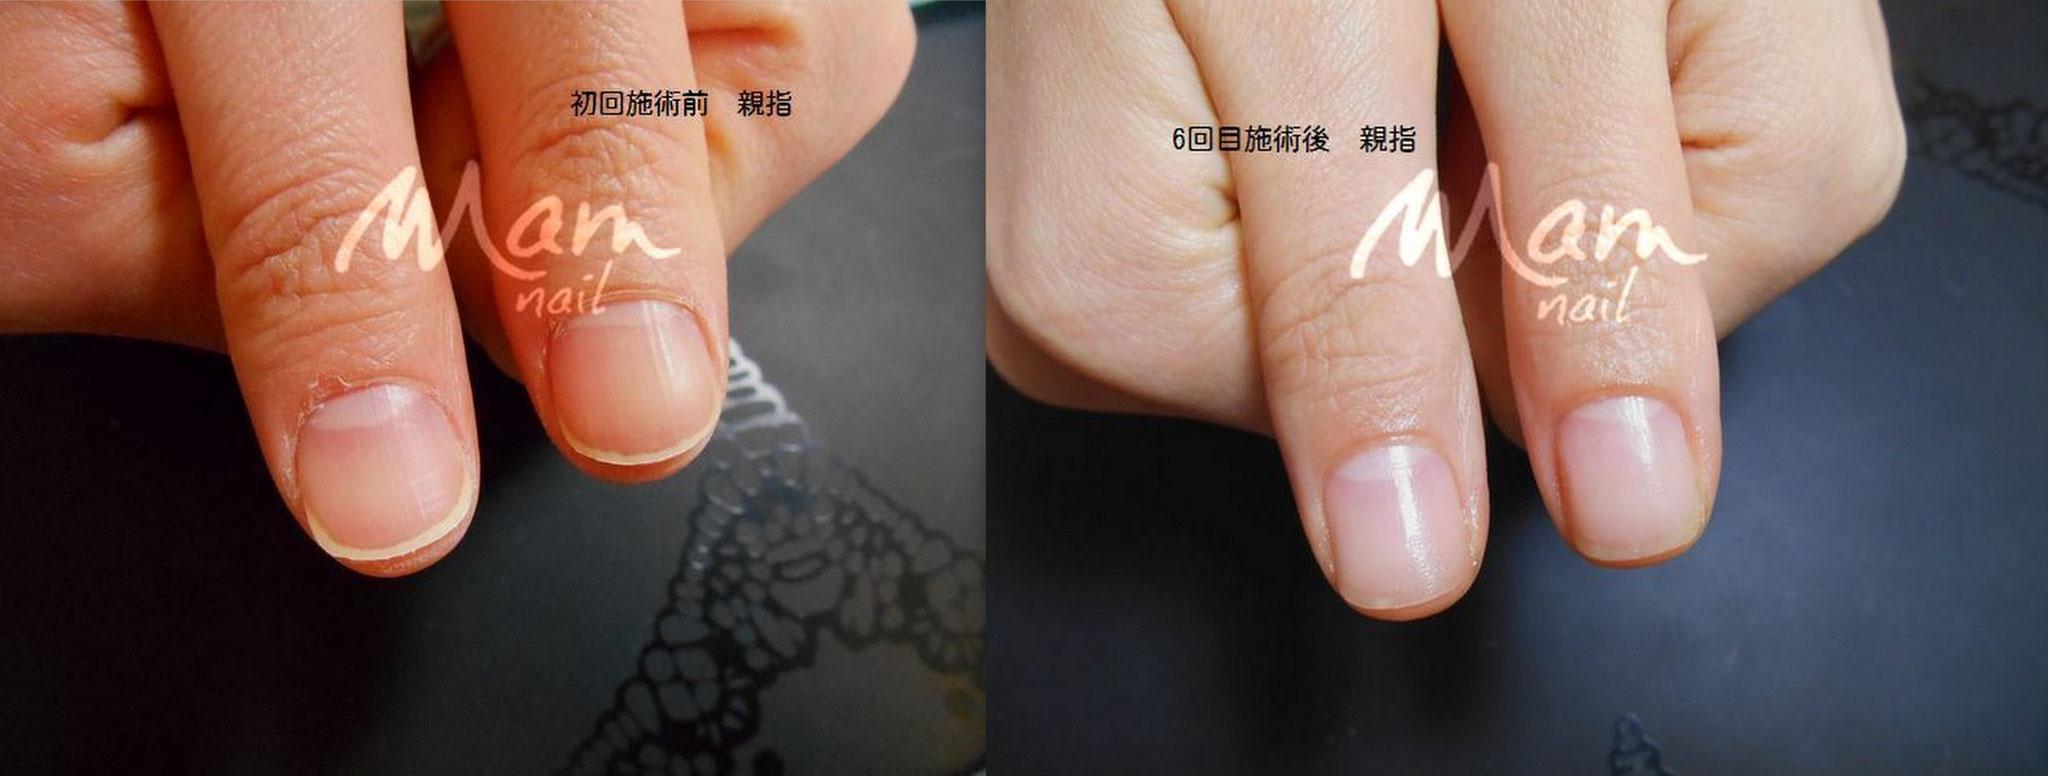 富士市深爪矯正/深爪中度